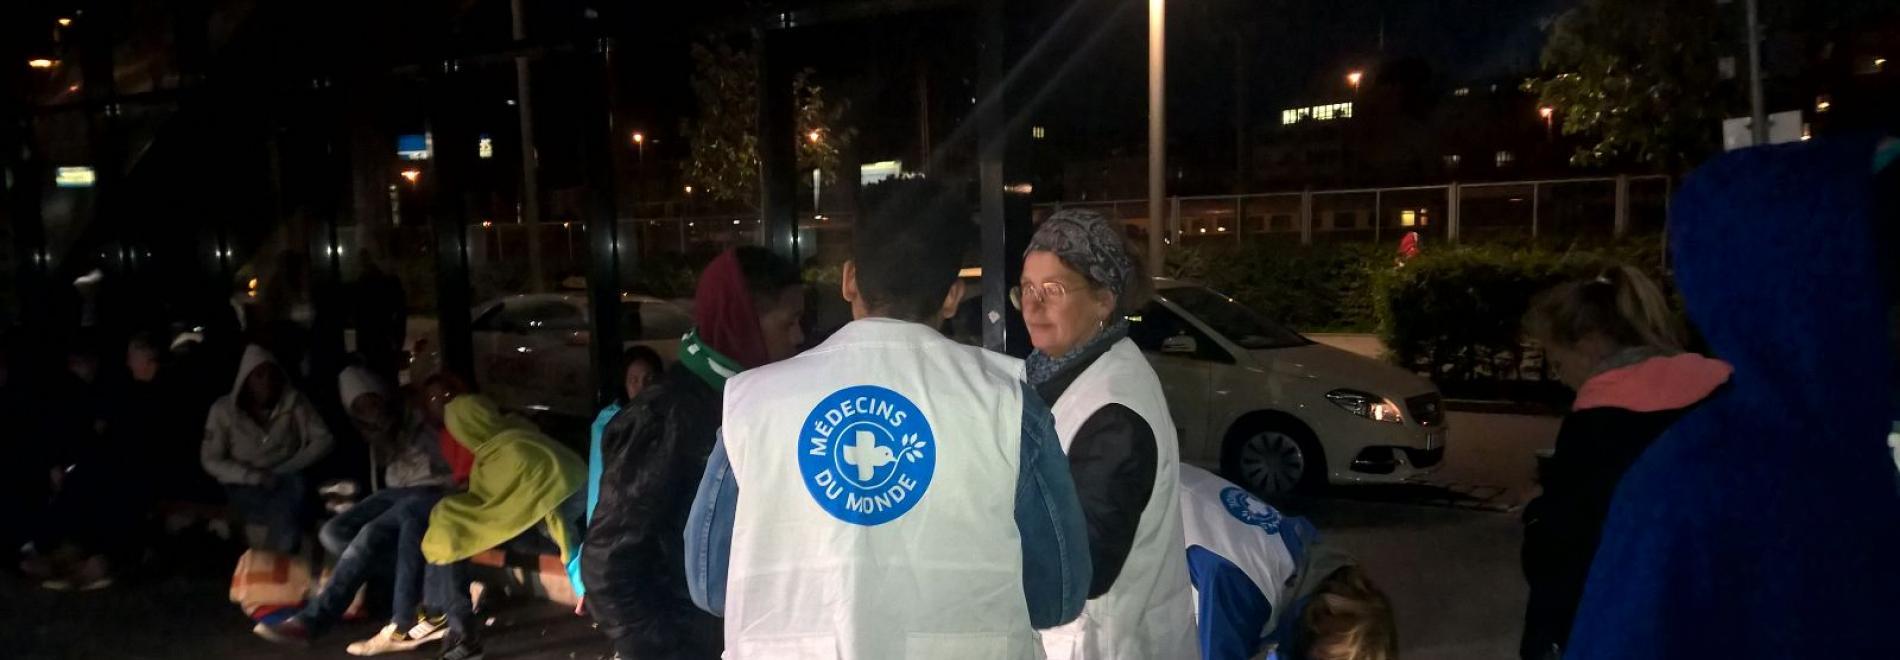 Zweimal pro Woche hilft Ärzte der Welt den nicht-registrierten Flüchtlingen in München mit medizinischer Basisversorgung. Foto: Ärzte der Welt